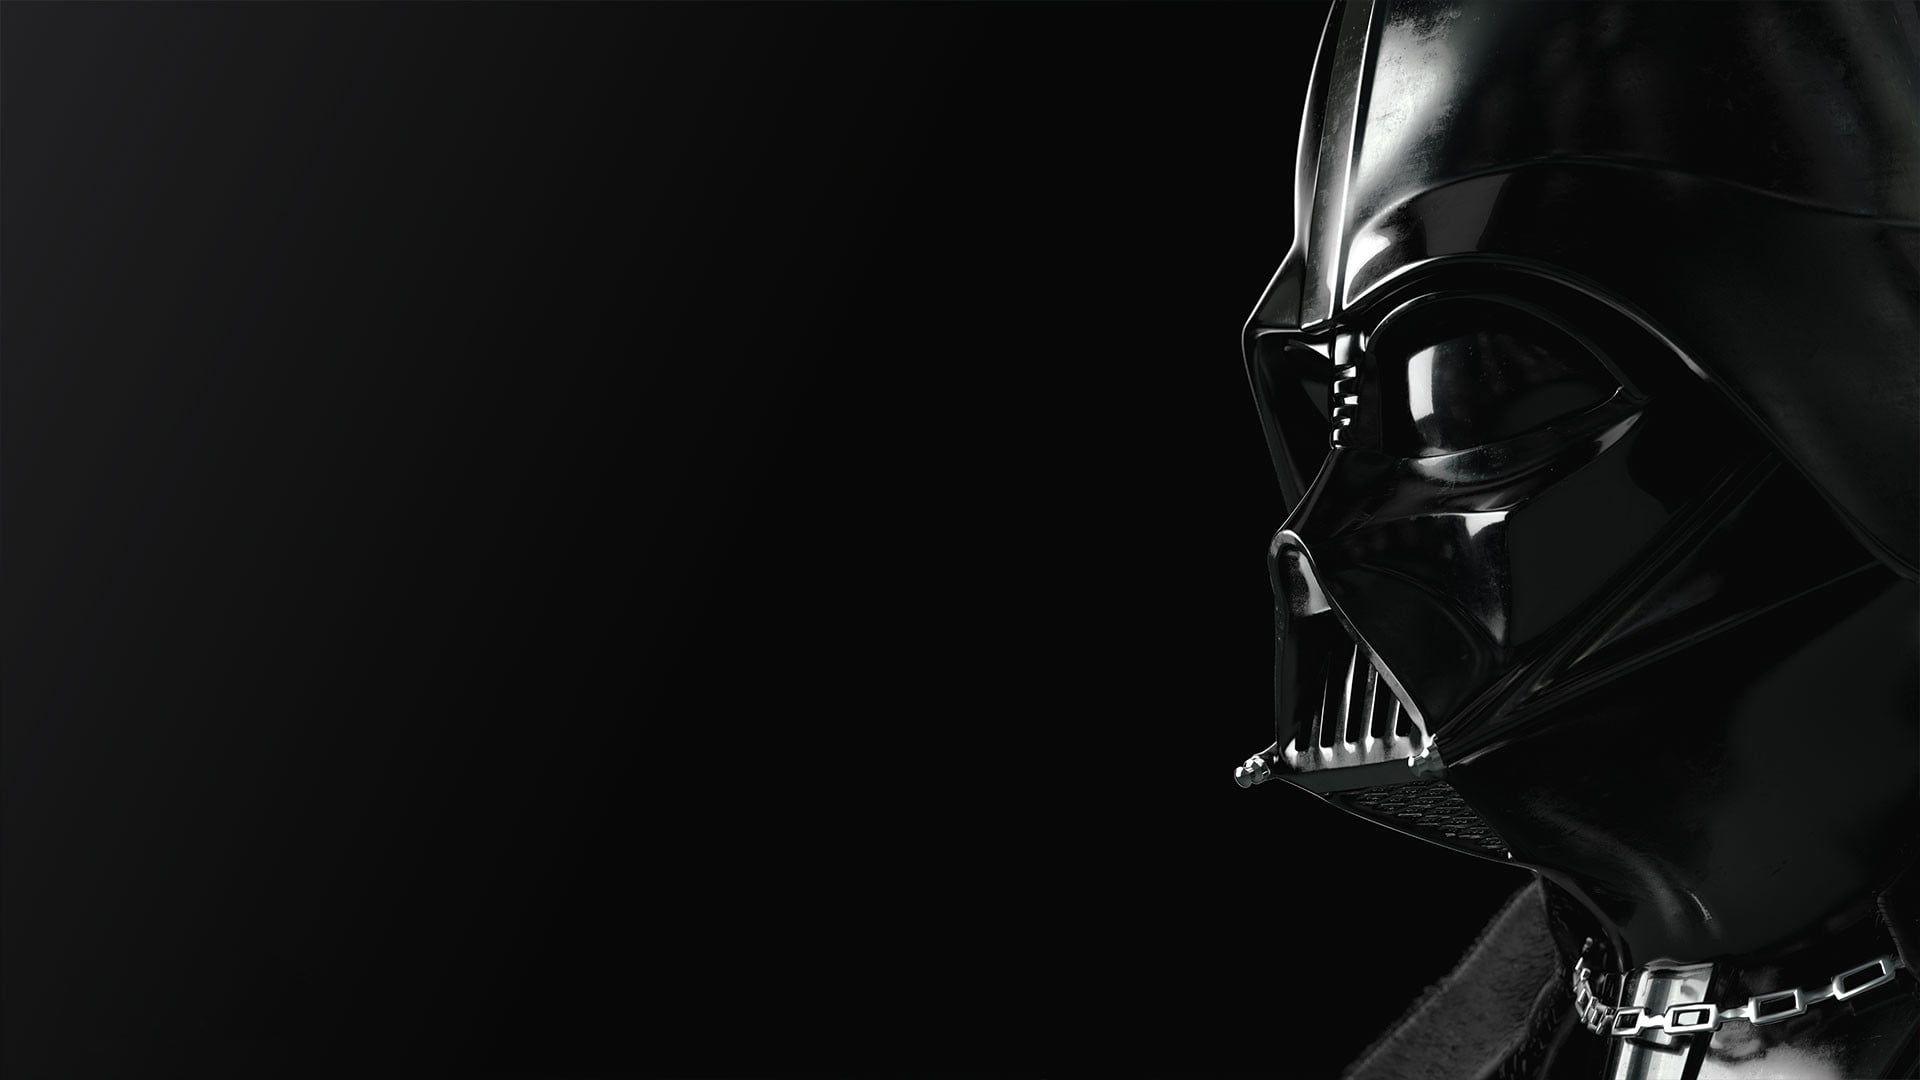 Star Wars Darth Vader Star Wars 1080p Wallpaper Hdwallpaper Desktop In 2020 Star Wars Wallpaper Darth Vader Wallpaper Star Wars Battlefront